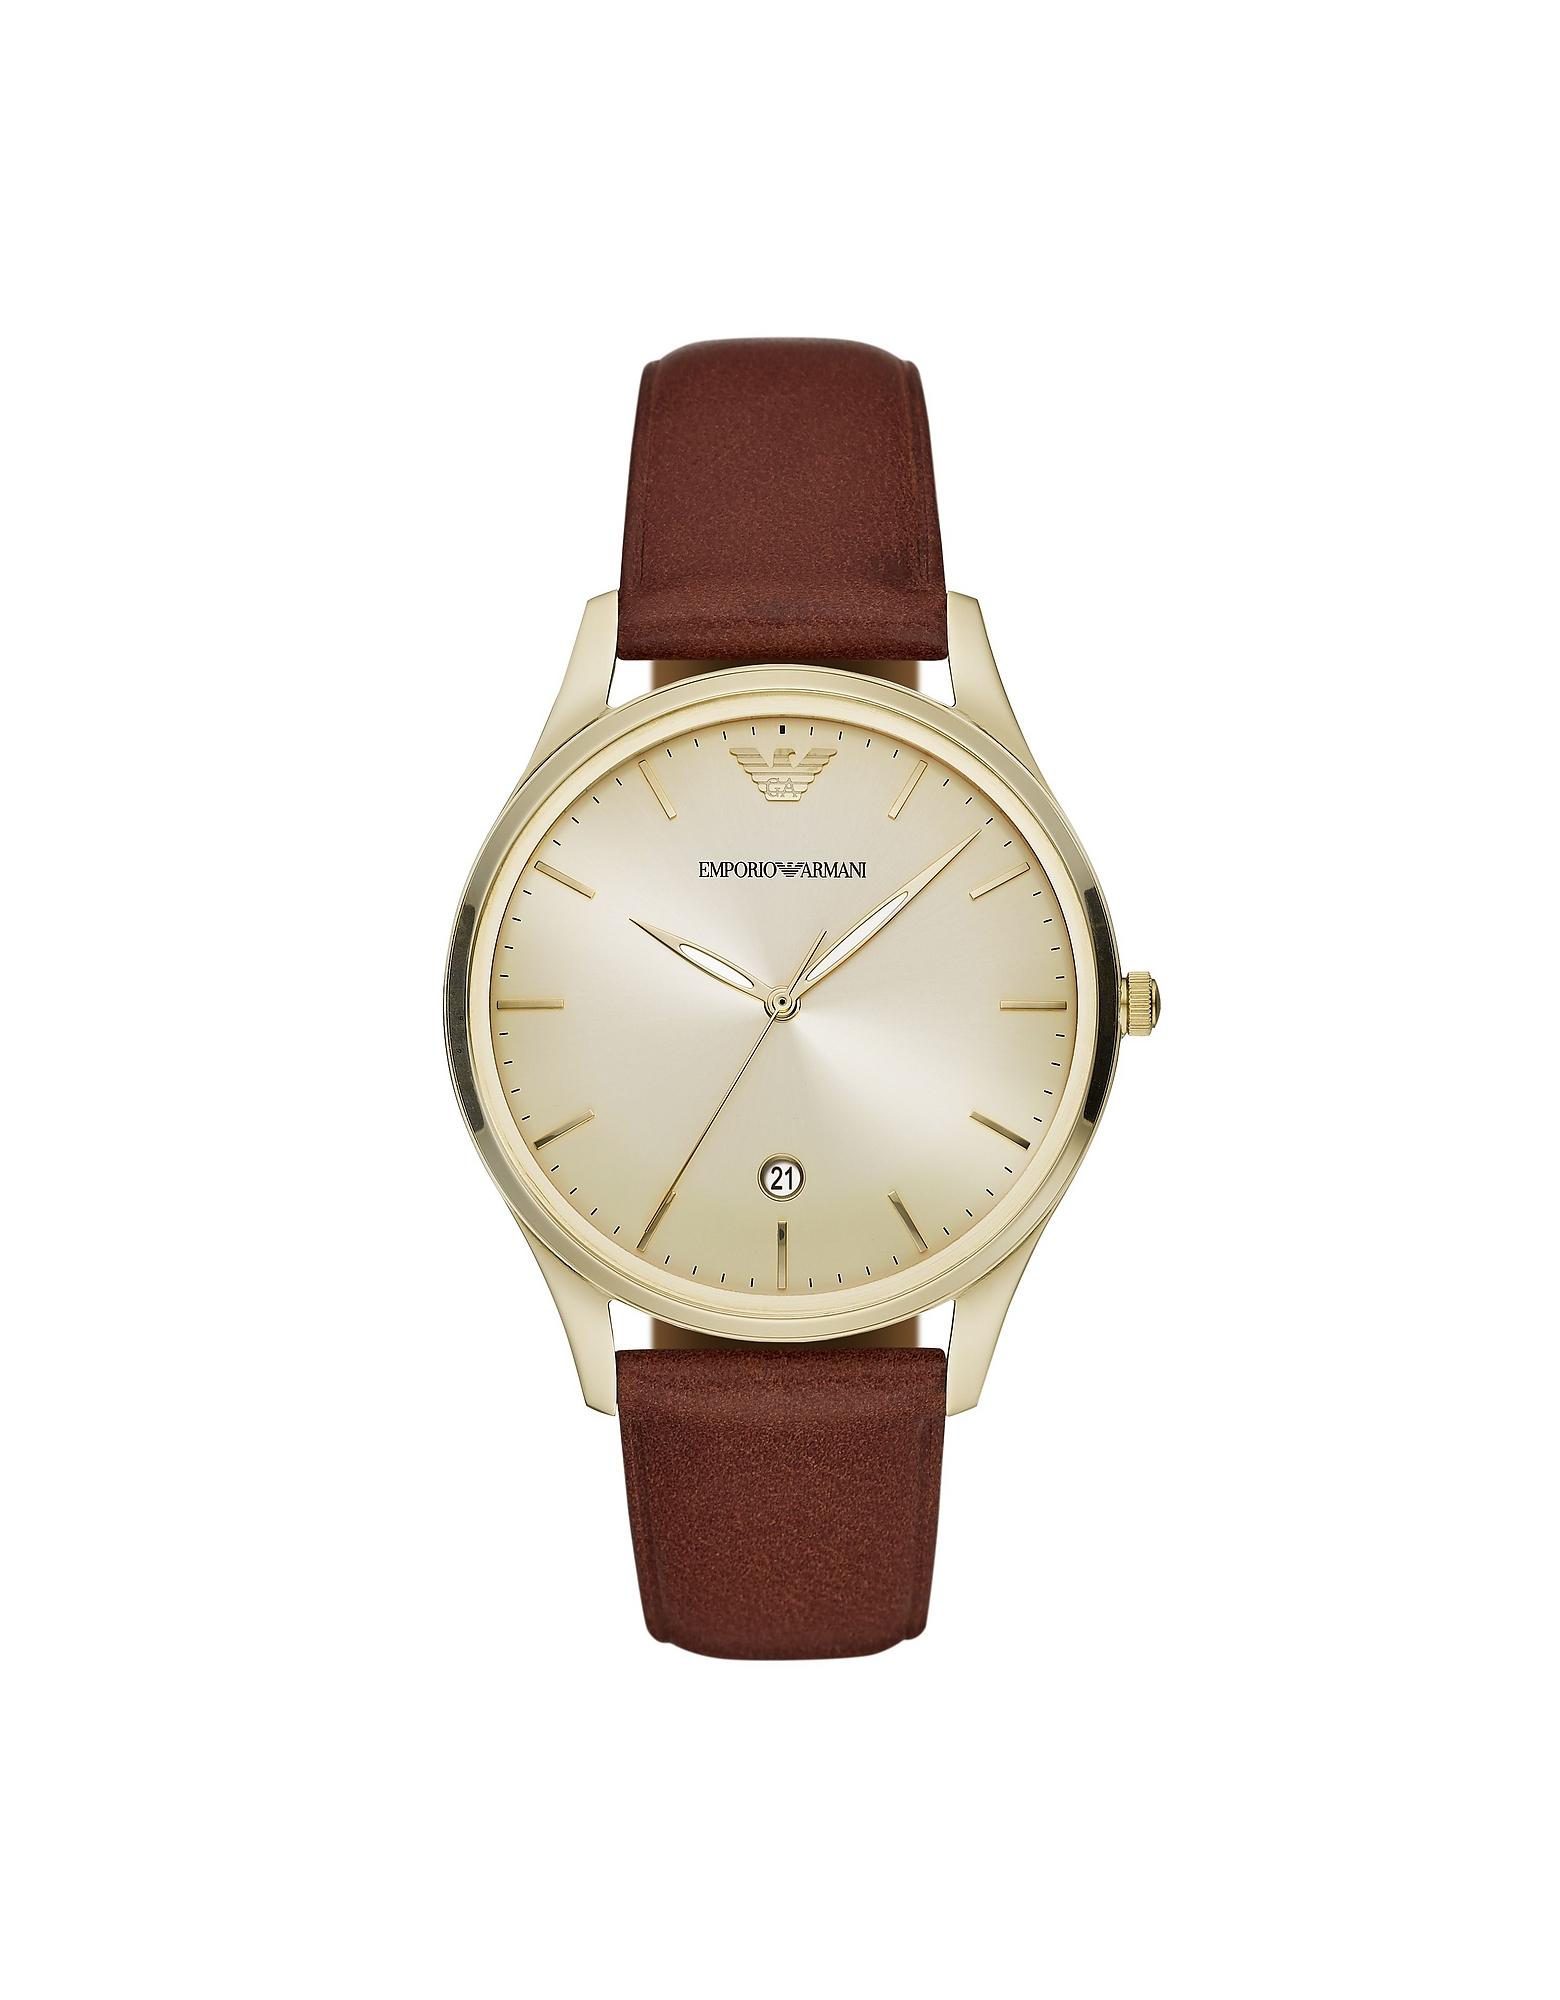 Emporio Armani Designer Men's Watches, Stainless Steel Men's Watch